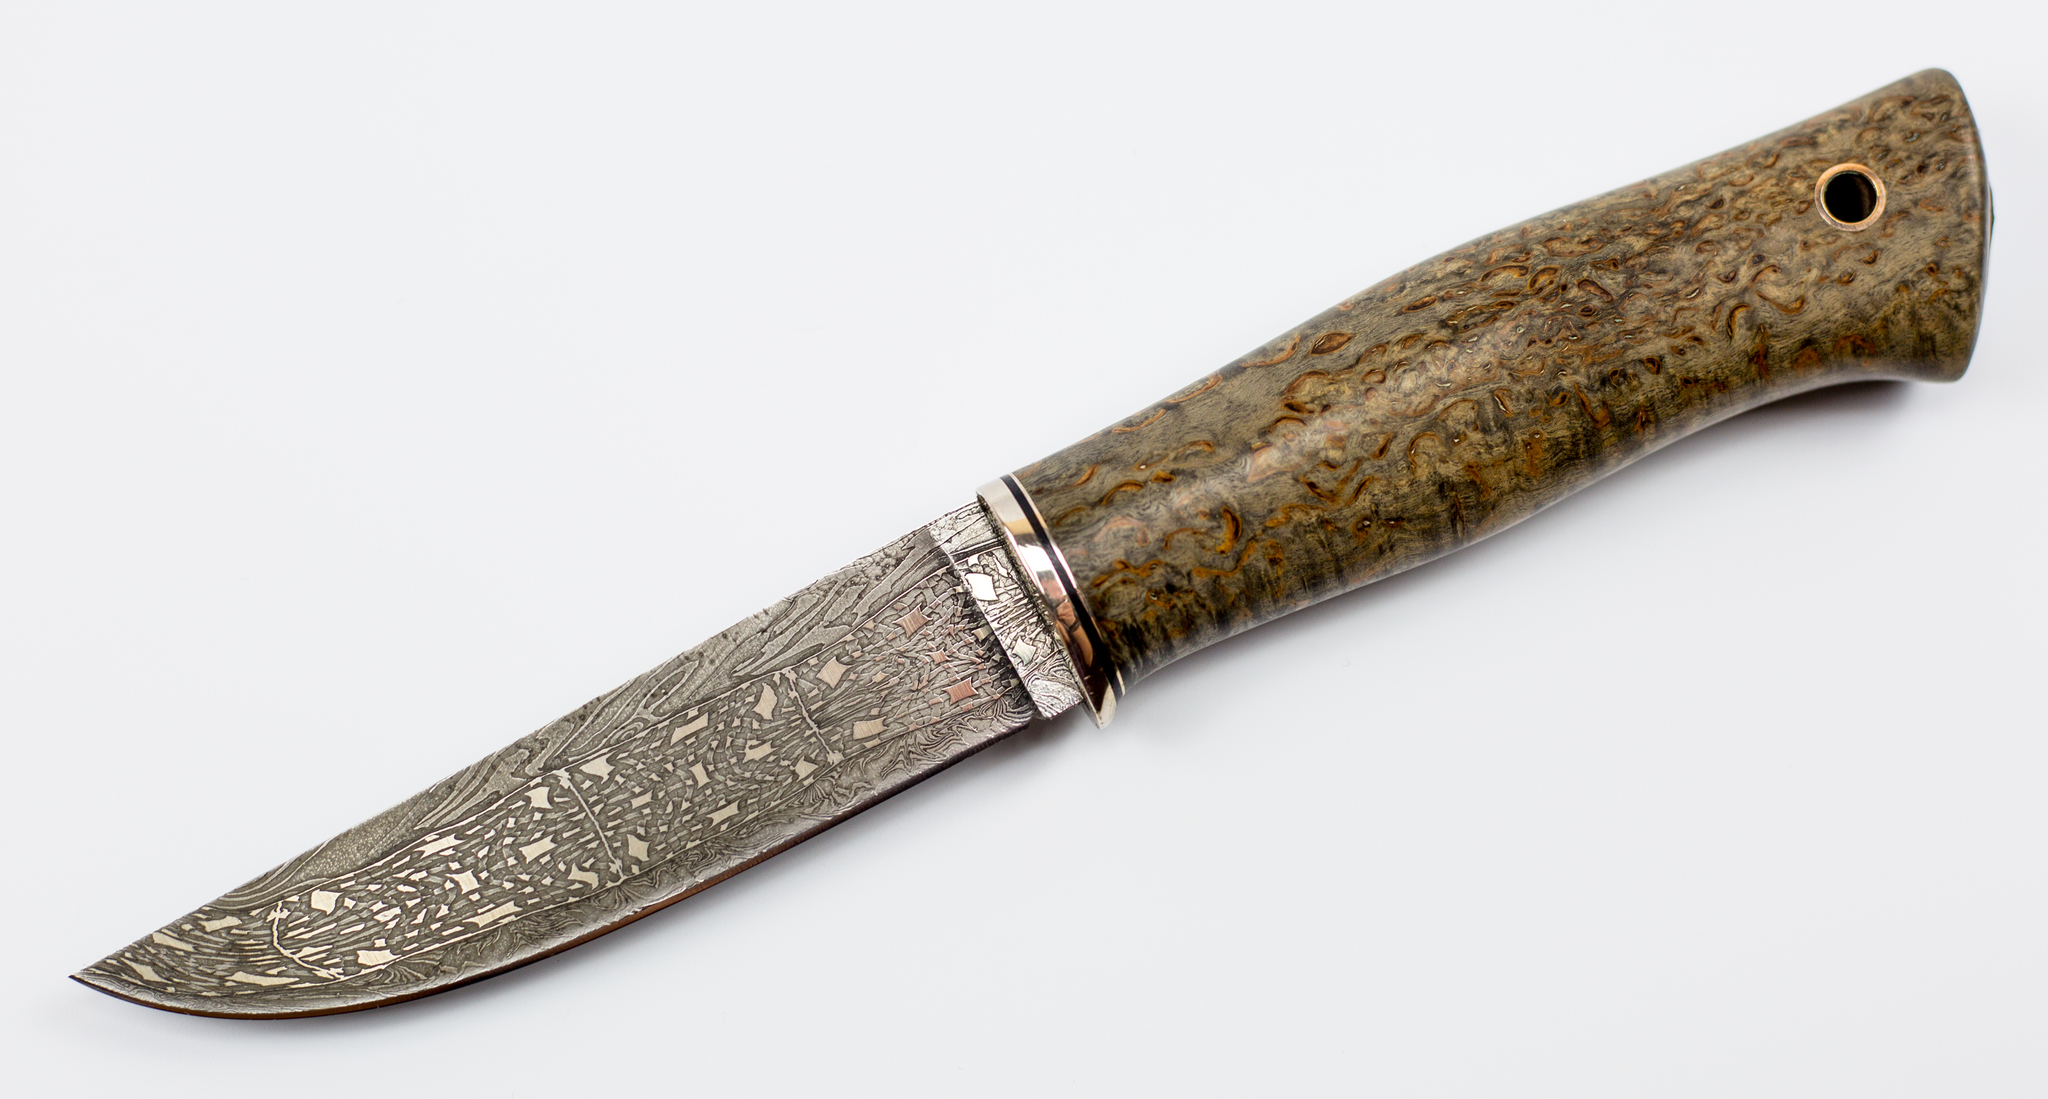 Нож из мозаичного дамаска №3, карельская березаНожи Ворсма<br>Нож Кузнеца Матвеева, мозаичный дамаск, карельская береза<br>